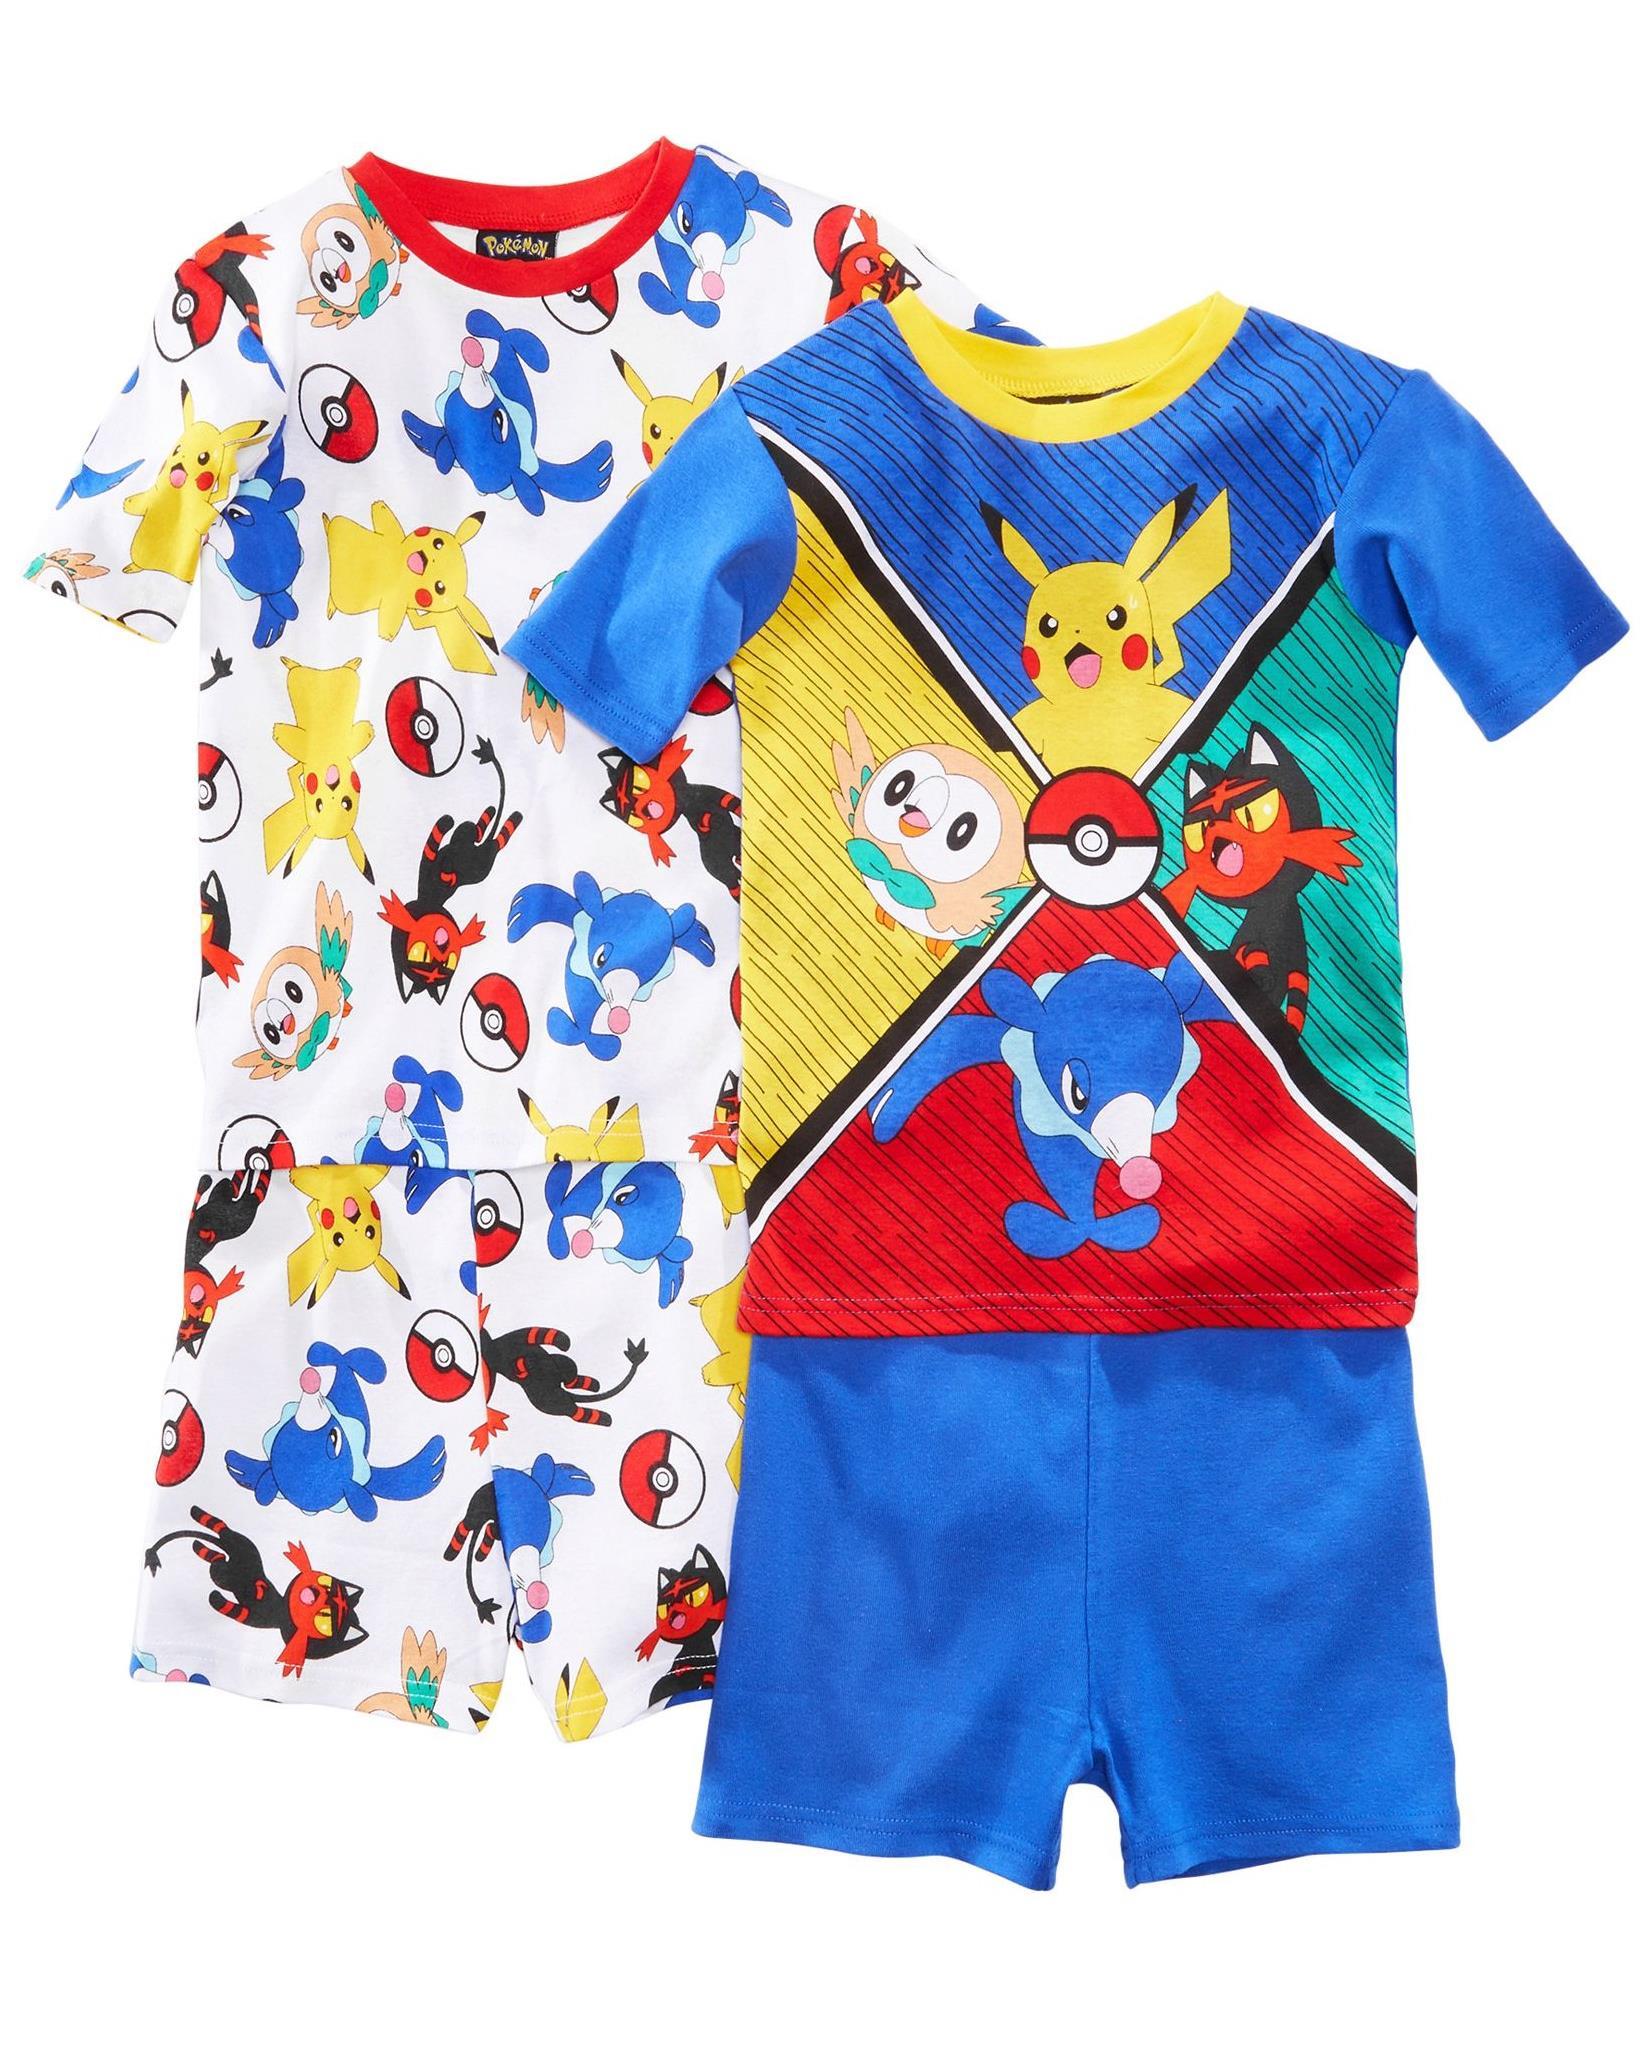 Pokemon Characters Little Boys' Pikachu 4-Piece Cotton Pajama Set, Pokemon Characters, Size: 6